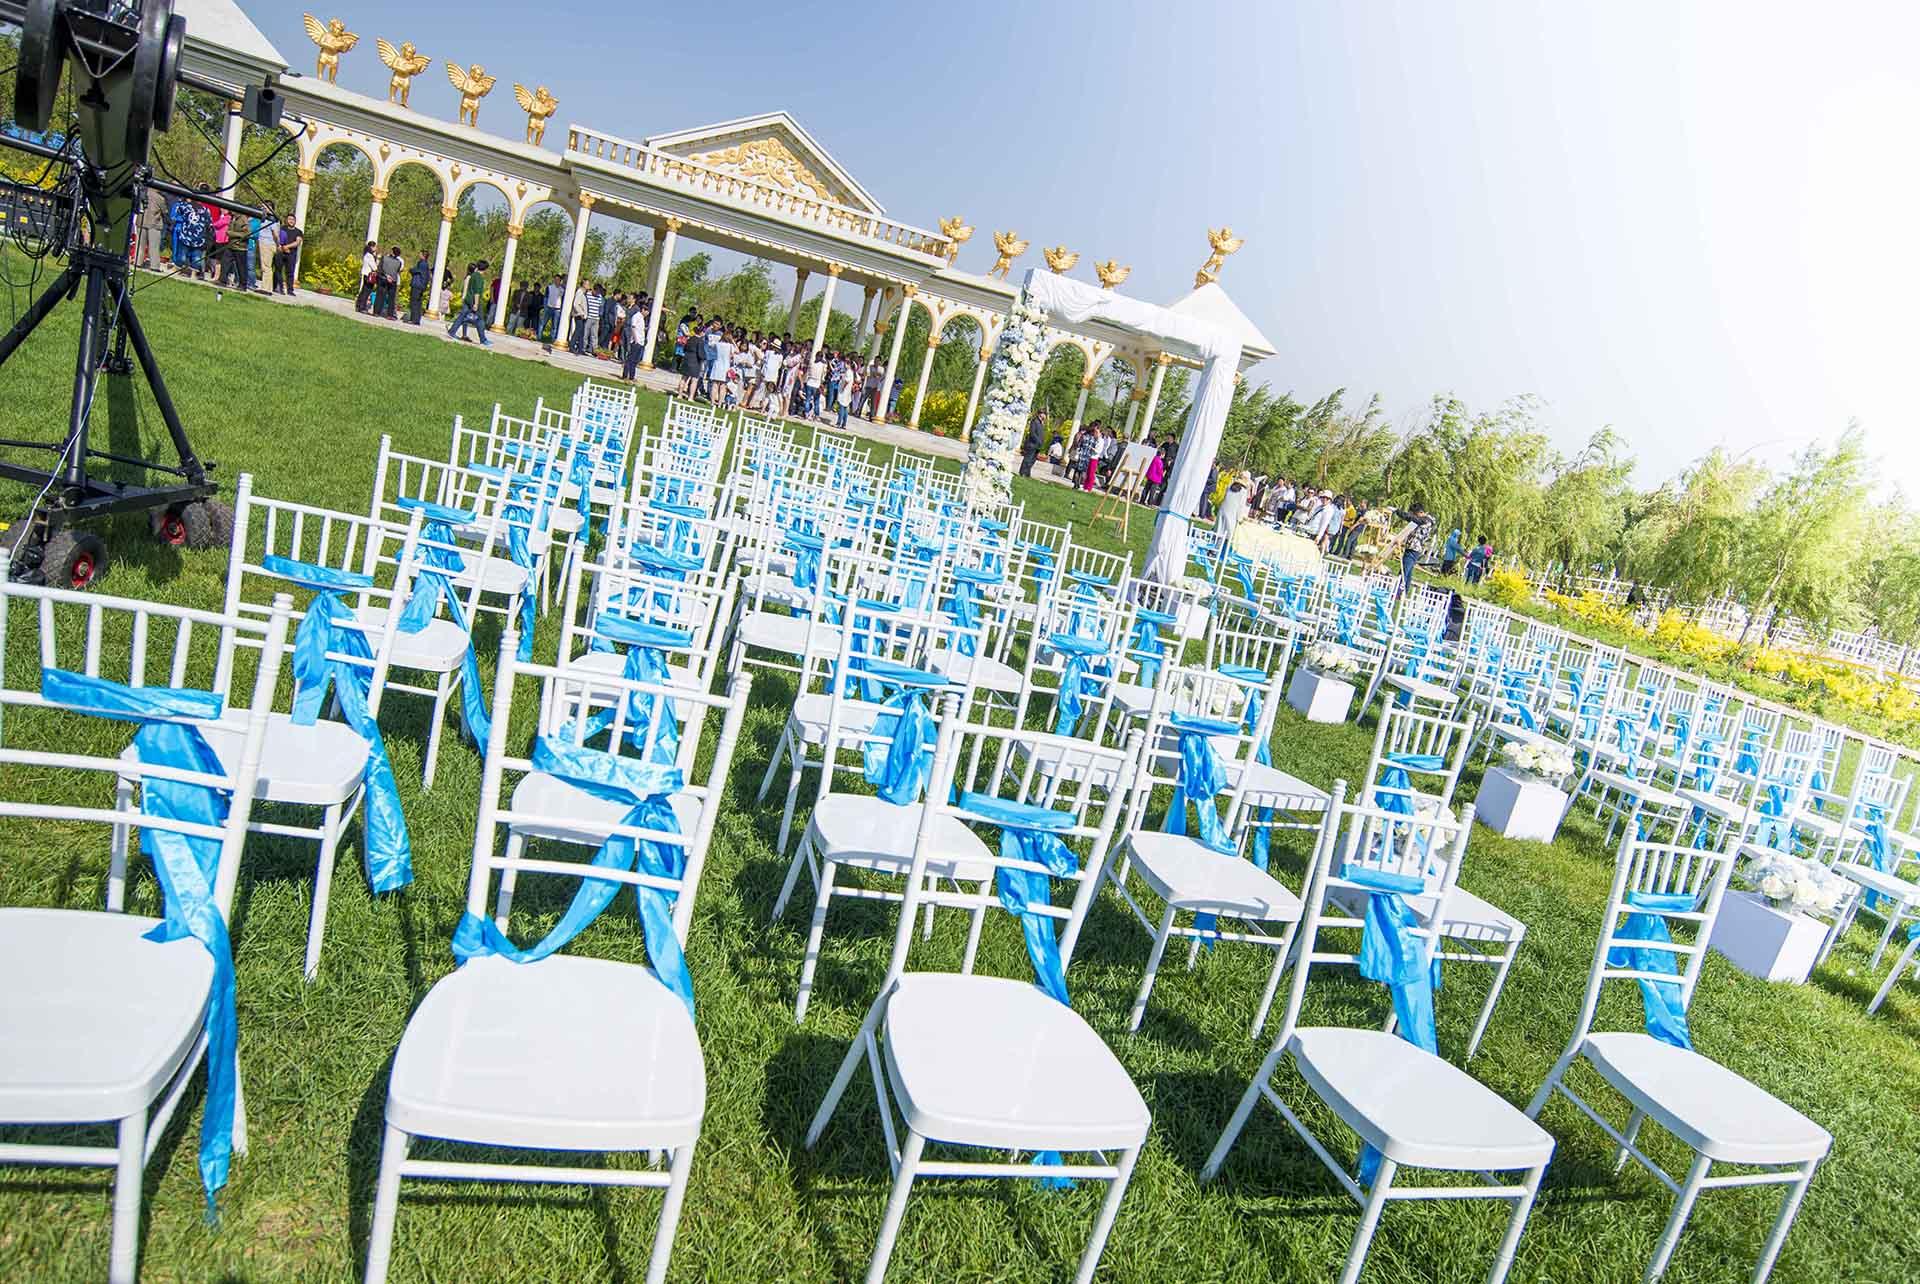 长春关东文化园草坪婚礼 长春户外婚礼